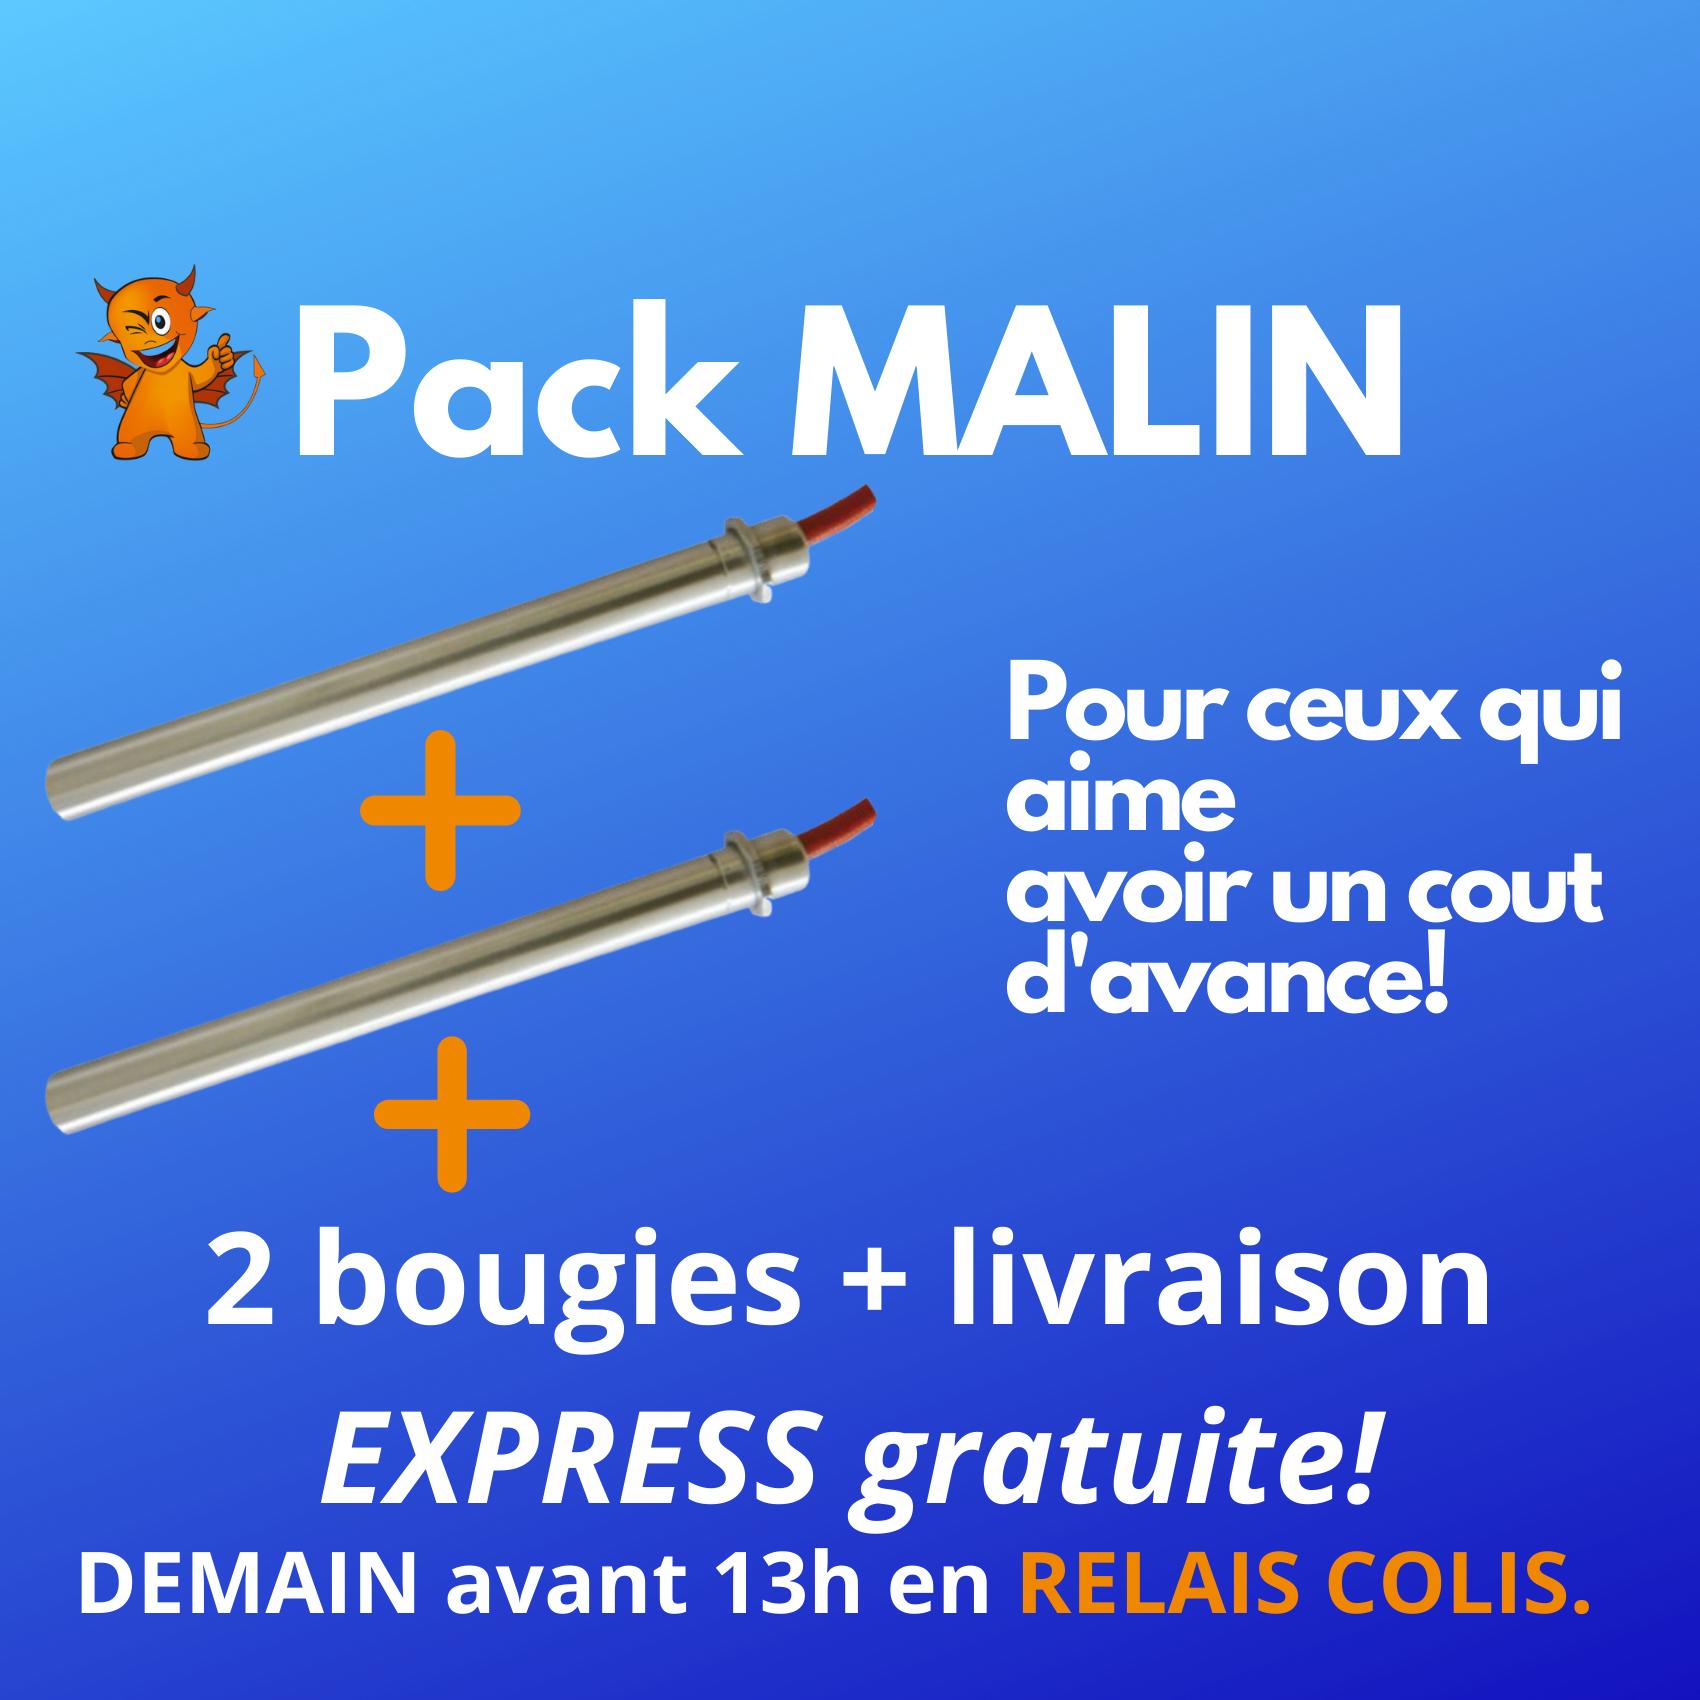 PACK MALIN : 2 Zündkerzen Expressversand Zustellung Paketshop